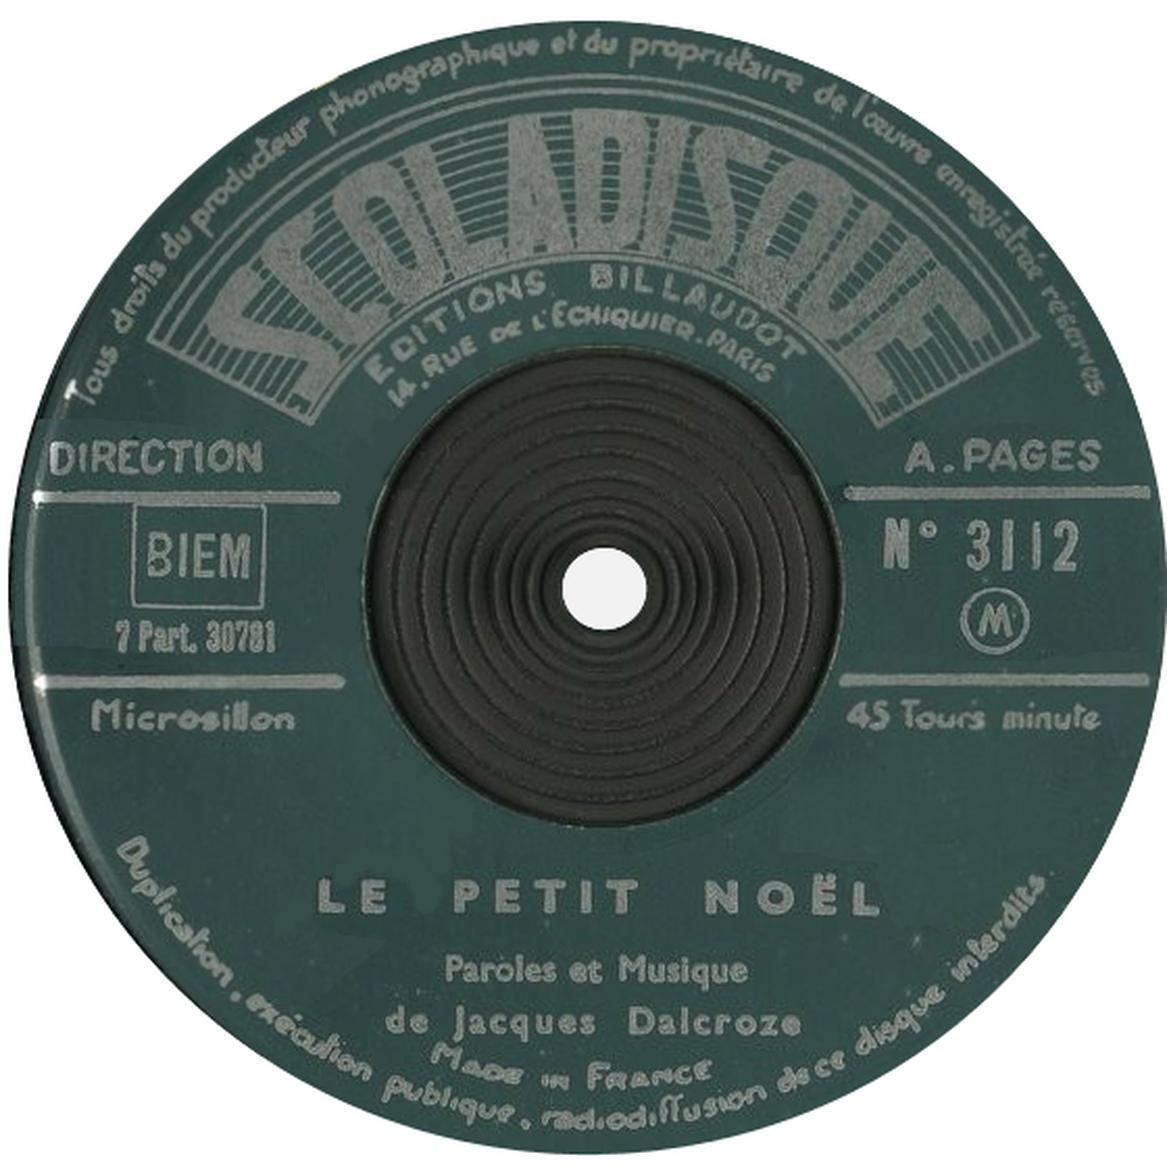 Étiquette recto du disque Scoladisque No 3112, Cliquer sur la photo pour une vue agrandie